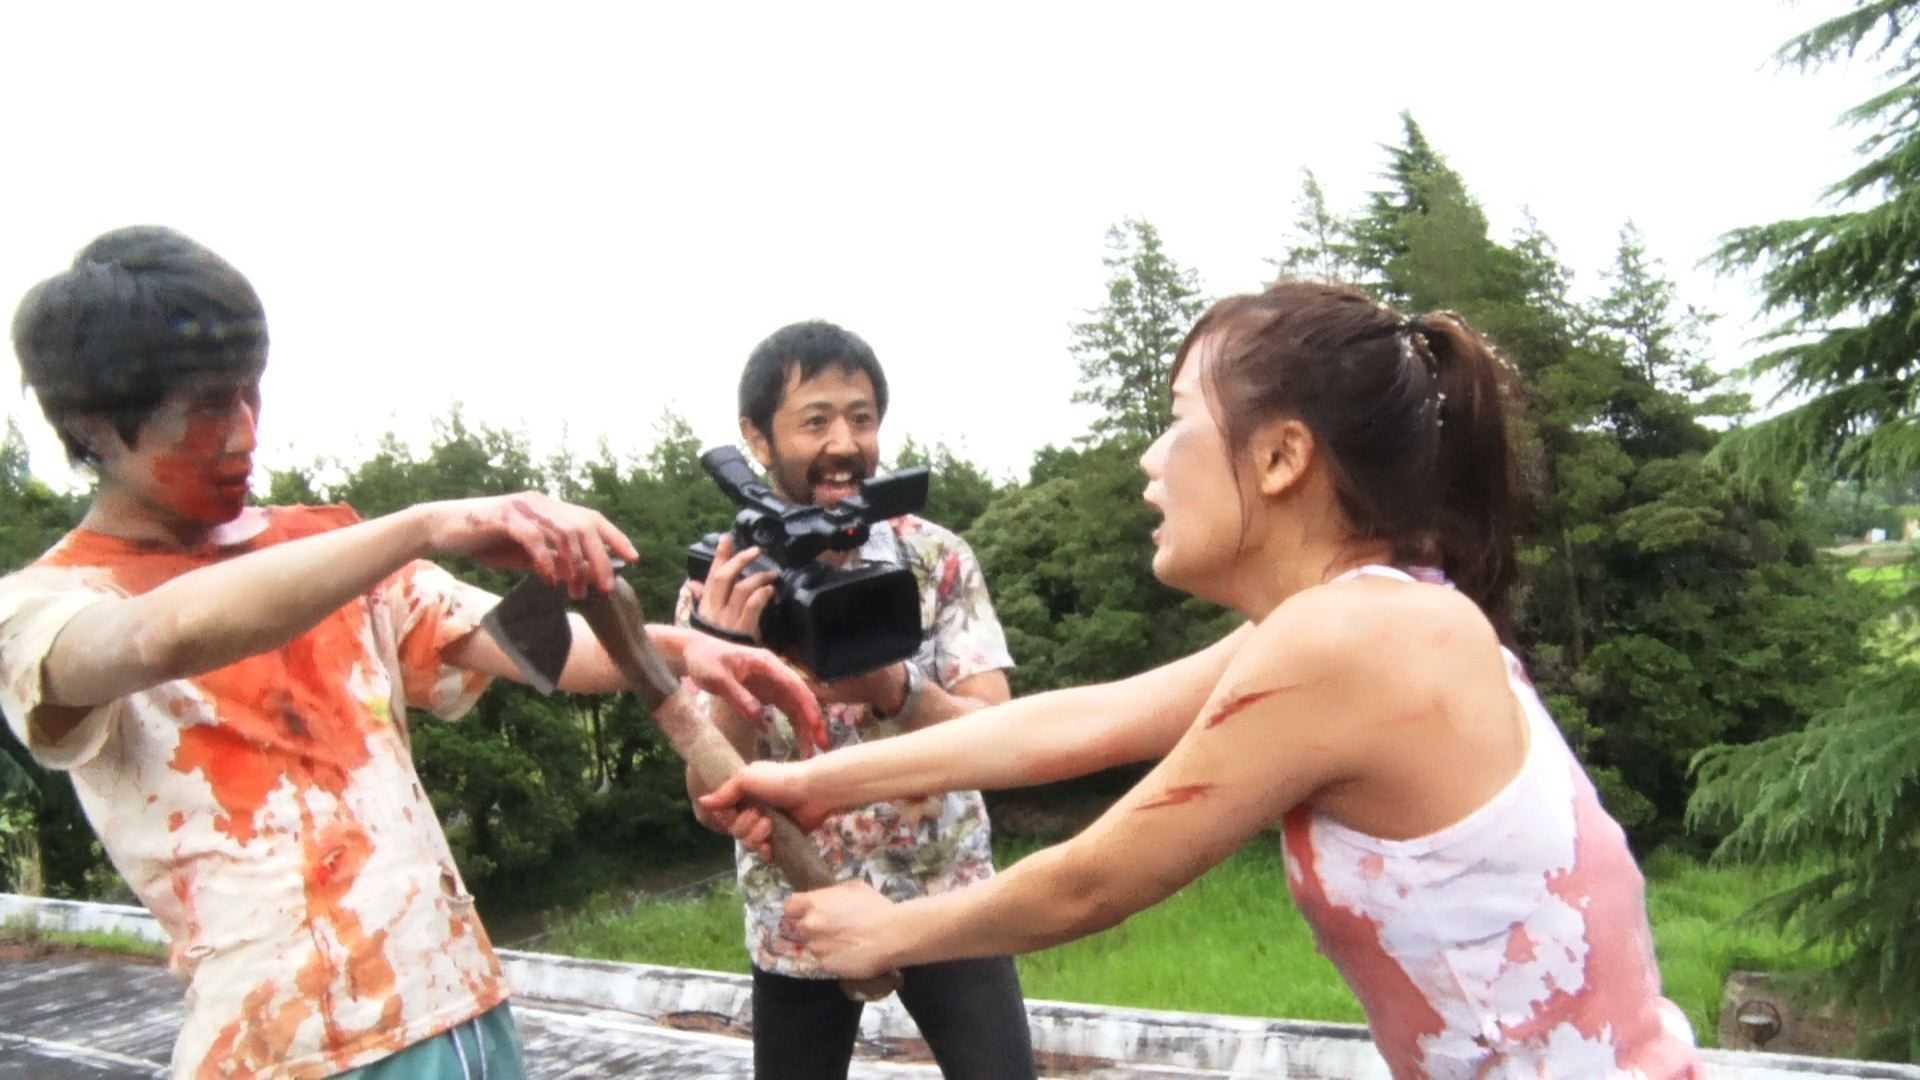 Takayuki Hamatsu (c) directs Kazuaki Nagaya (l) to attack Yuzuki Akiyama in One Cut of the Dead (2017)